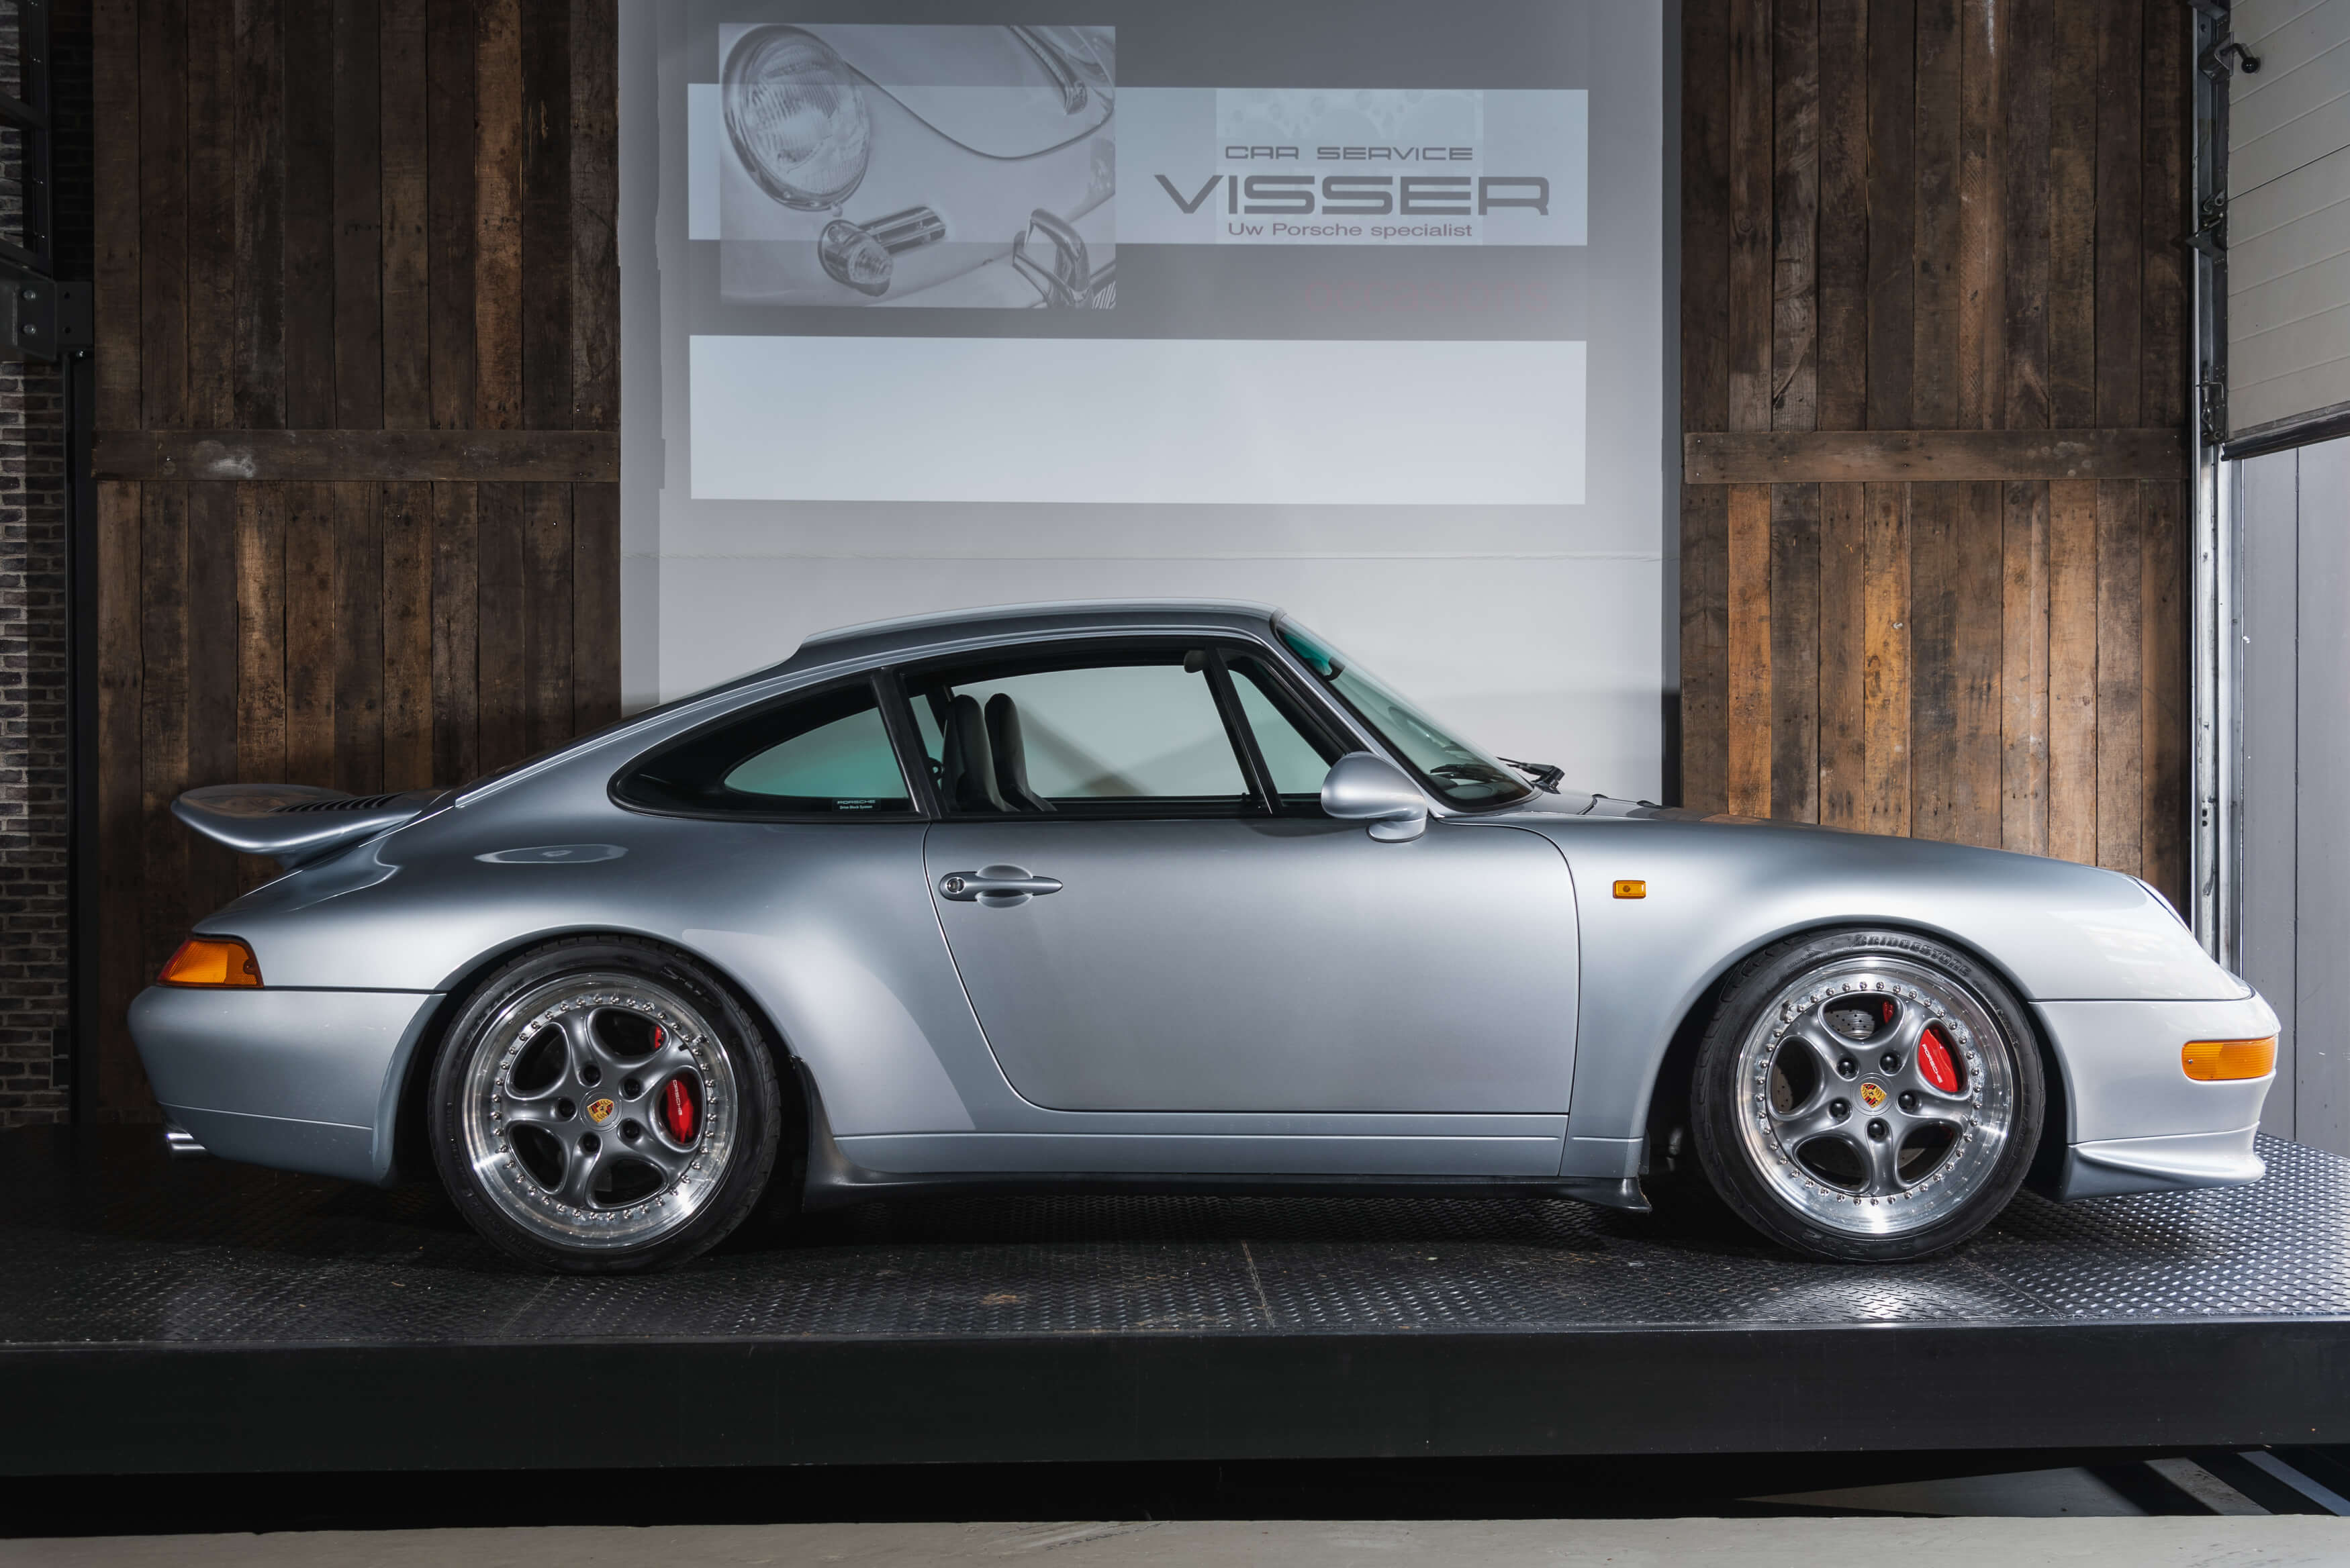 993 RS handgeschakeld Car Service Visser gespecialiseerd in Porsche - 2